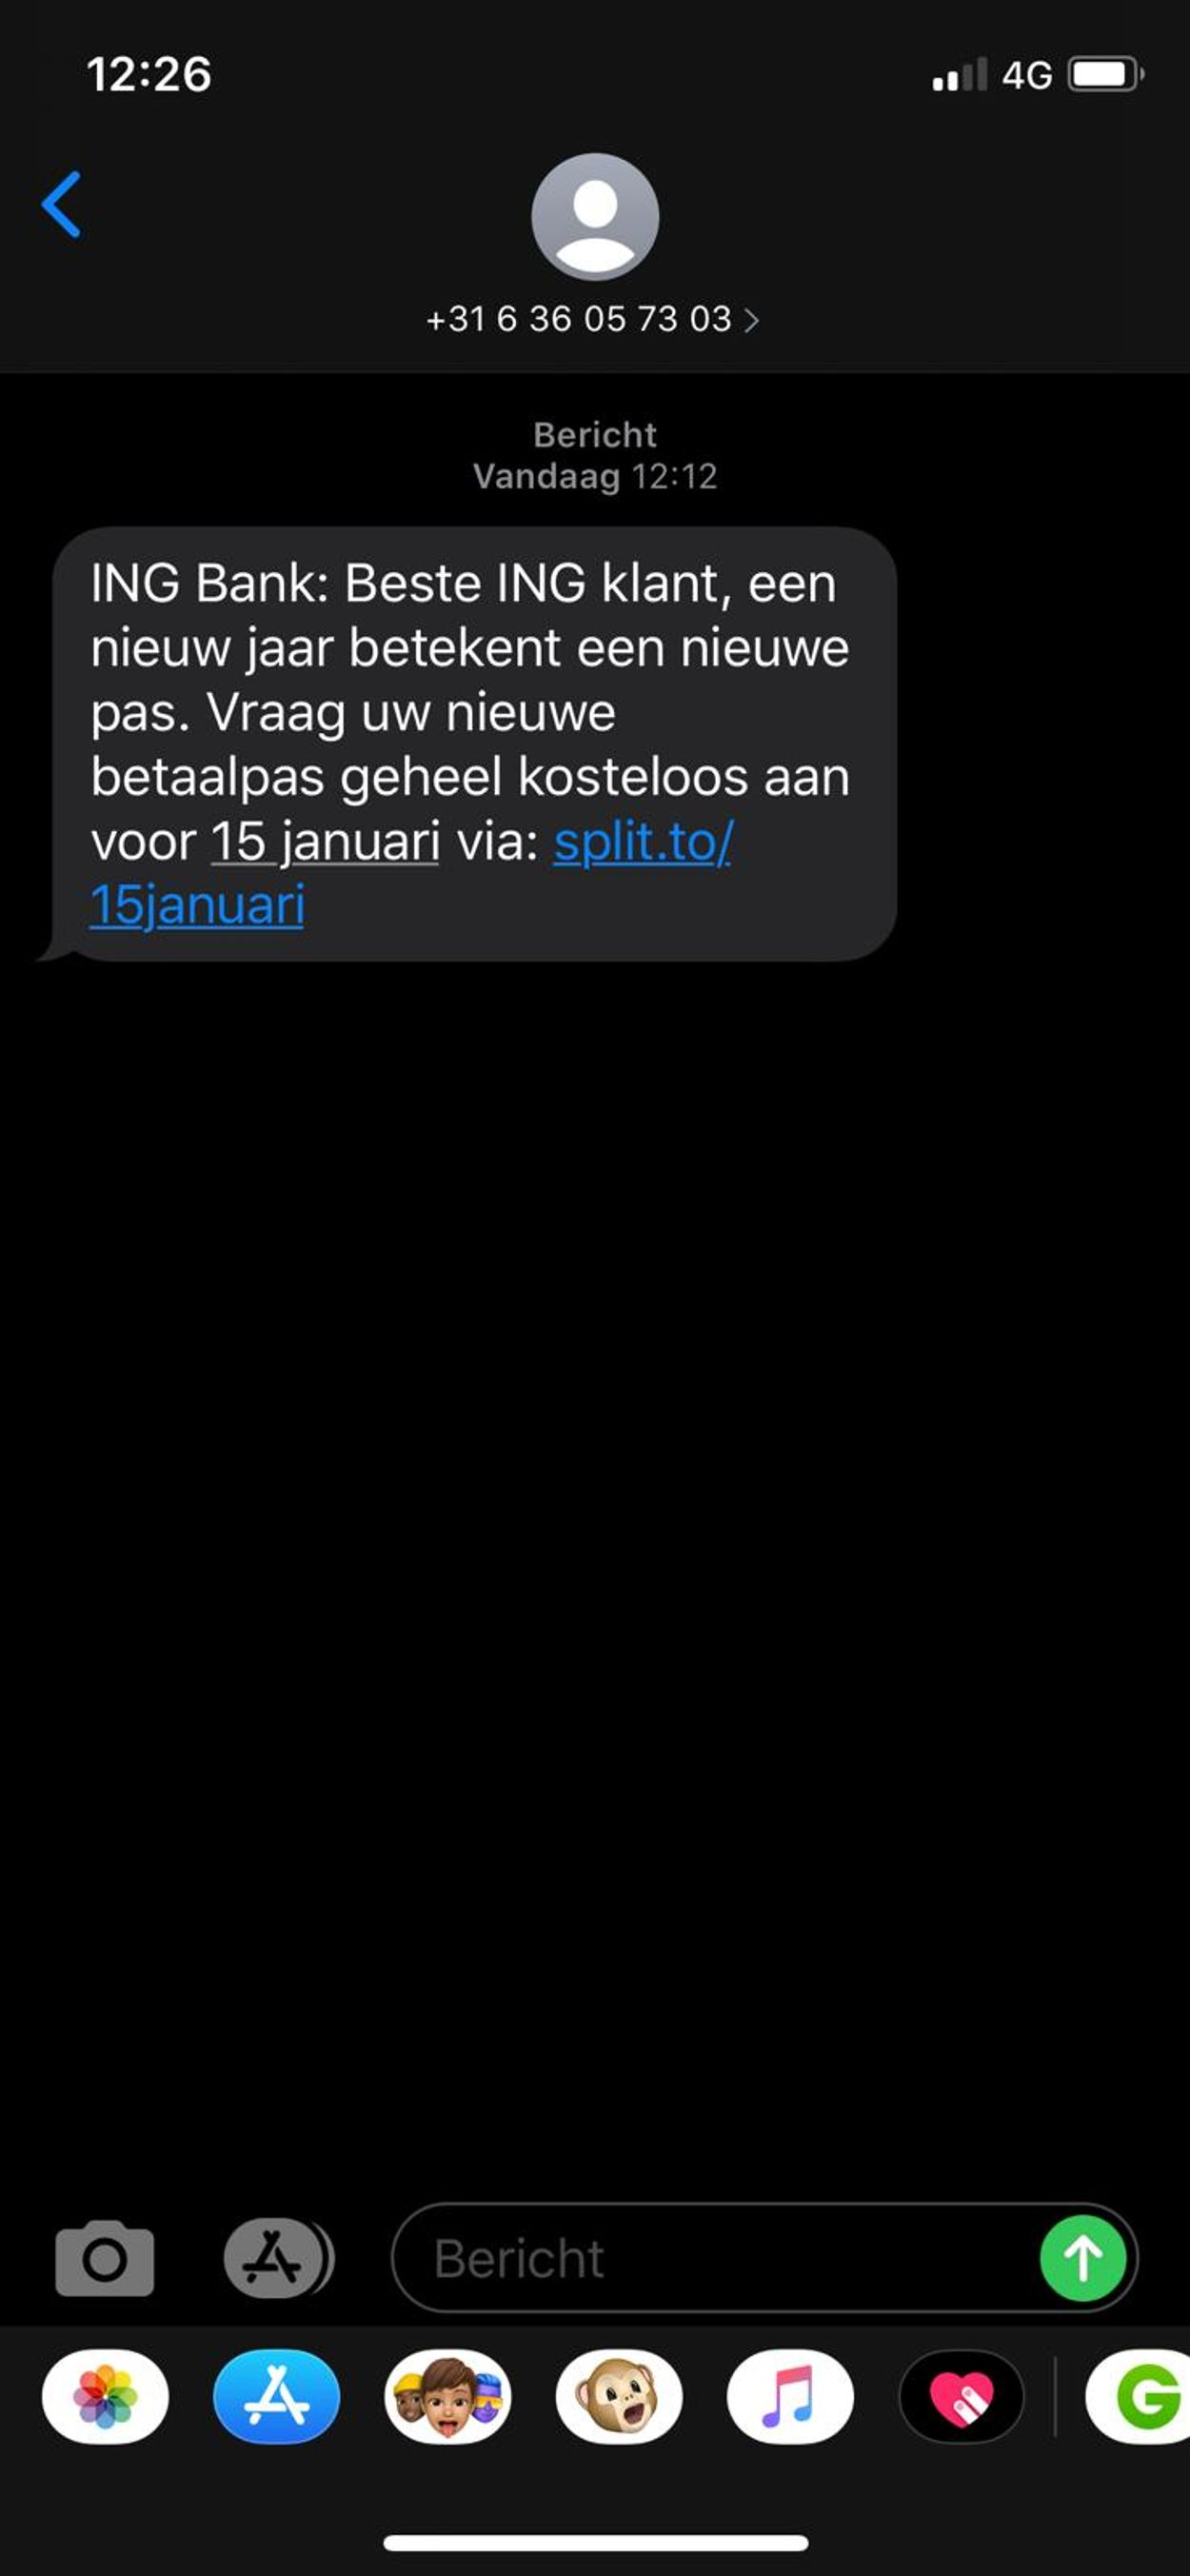 ING sms phishing